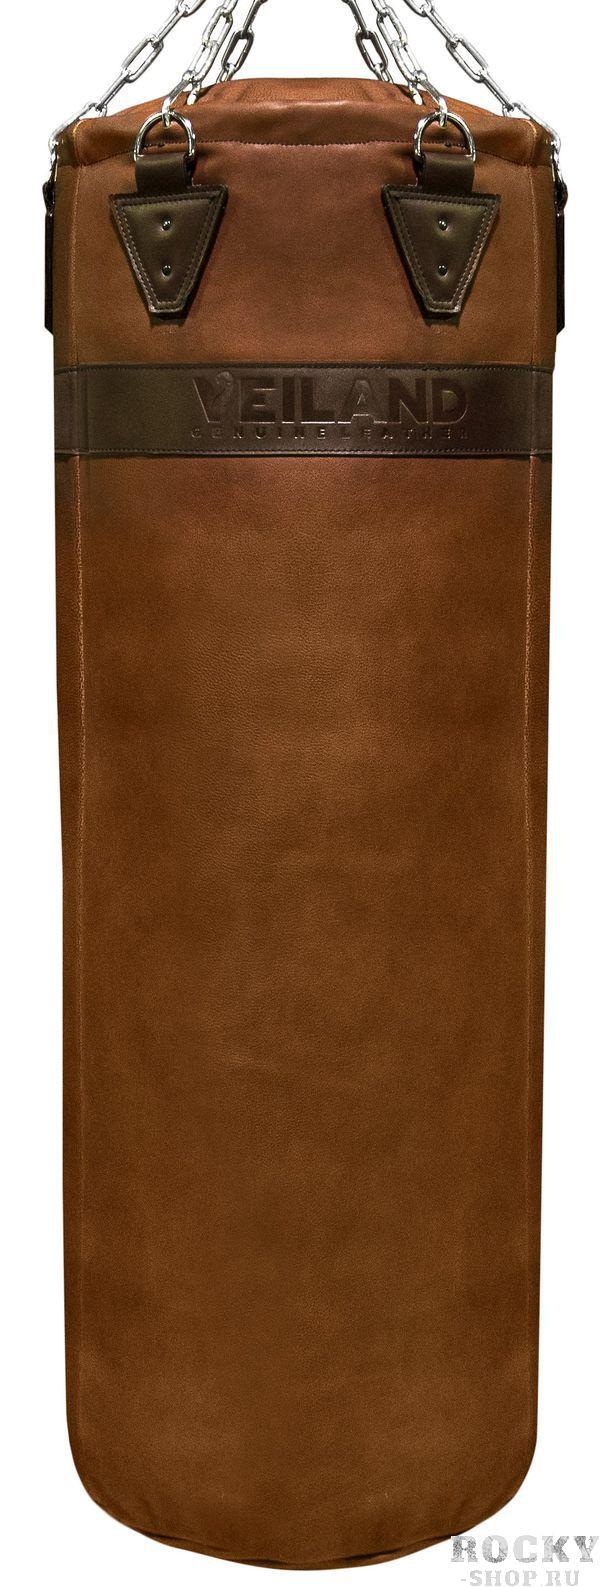 Профессиональный боксерский мешок Veiland, кожа, 120х40см, 45кг Veiland